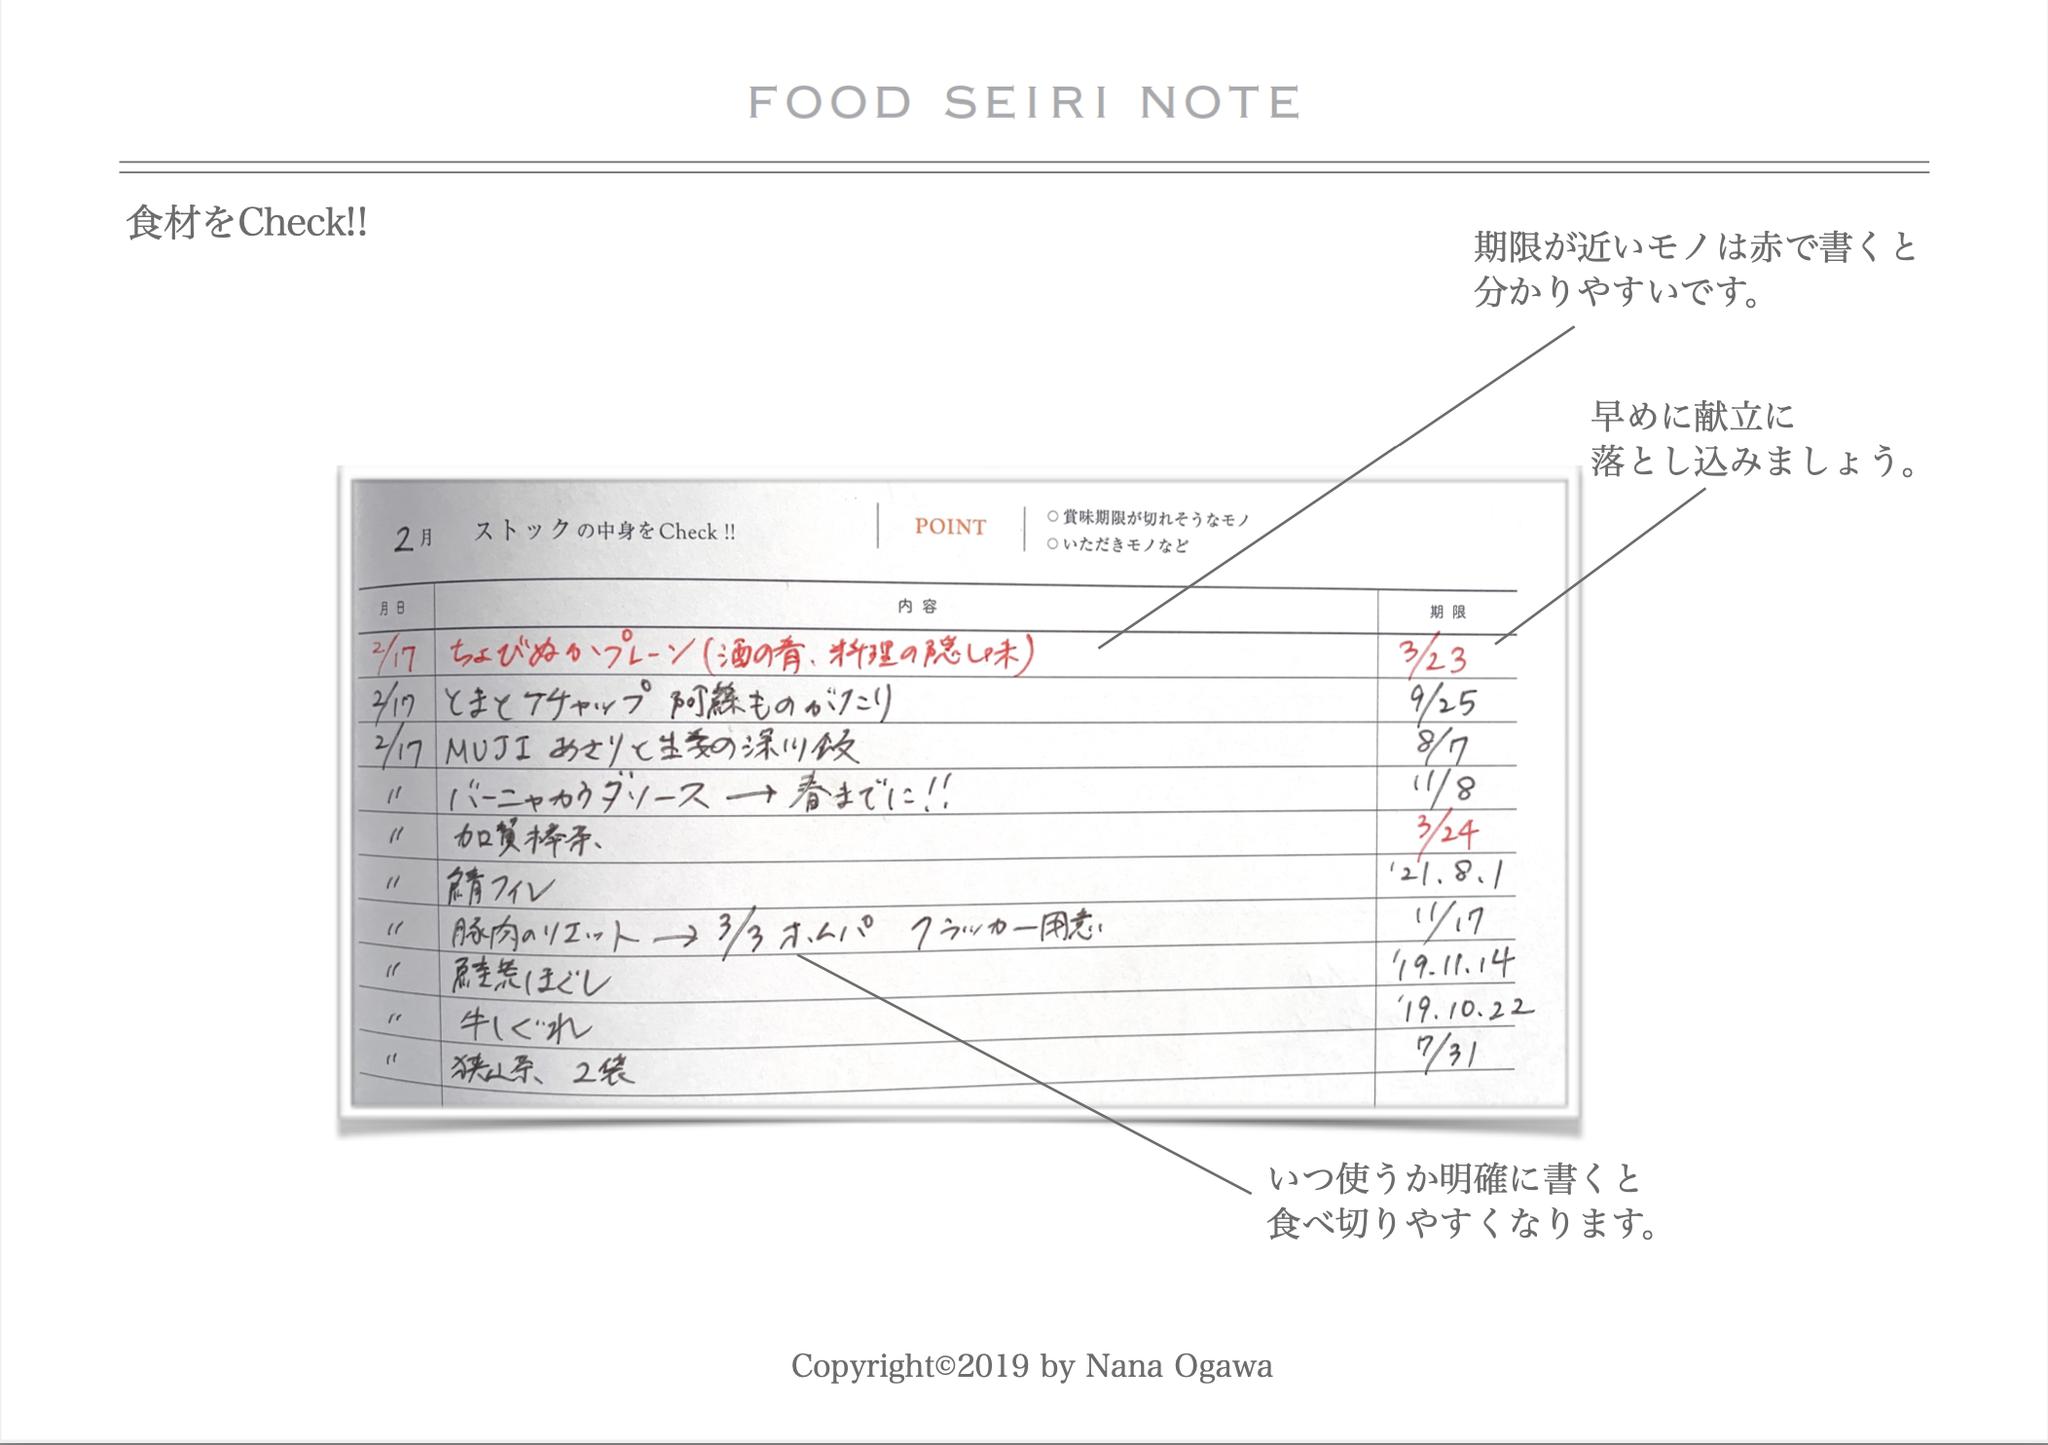 食材管理ノート FOOD SEIRI NOTEもオススメです